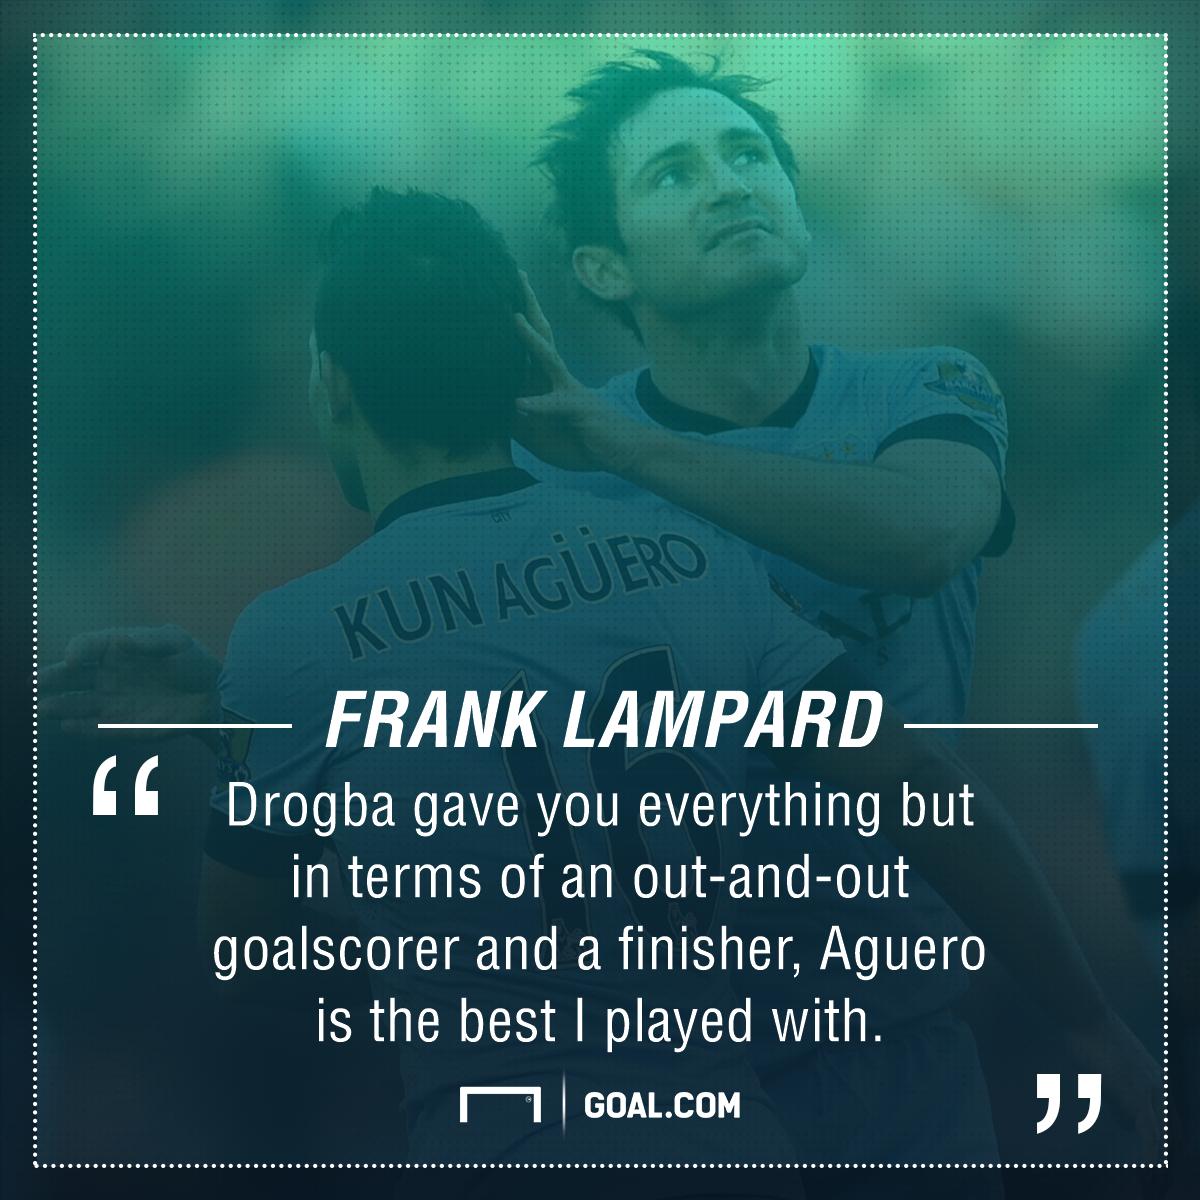 Frank Lampard on Sergio Aguero